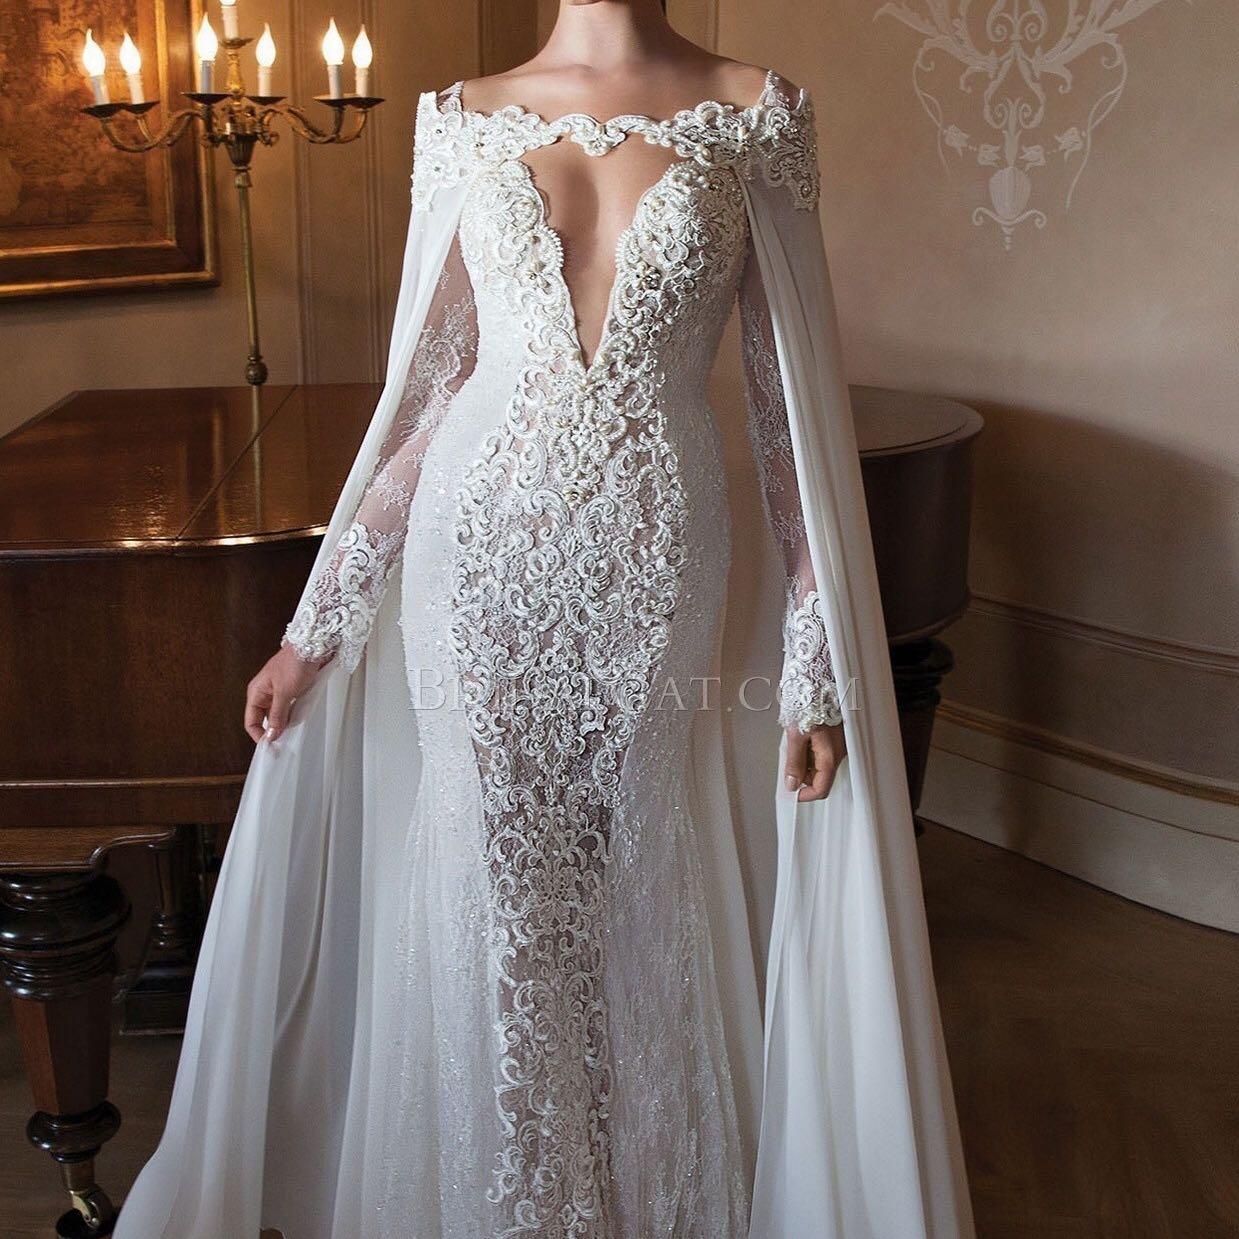 Brautkleid Umhang? (Hochzeit)